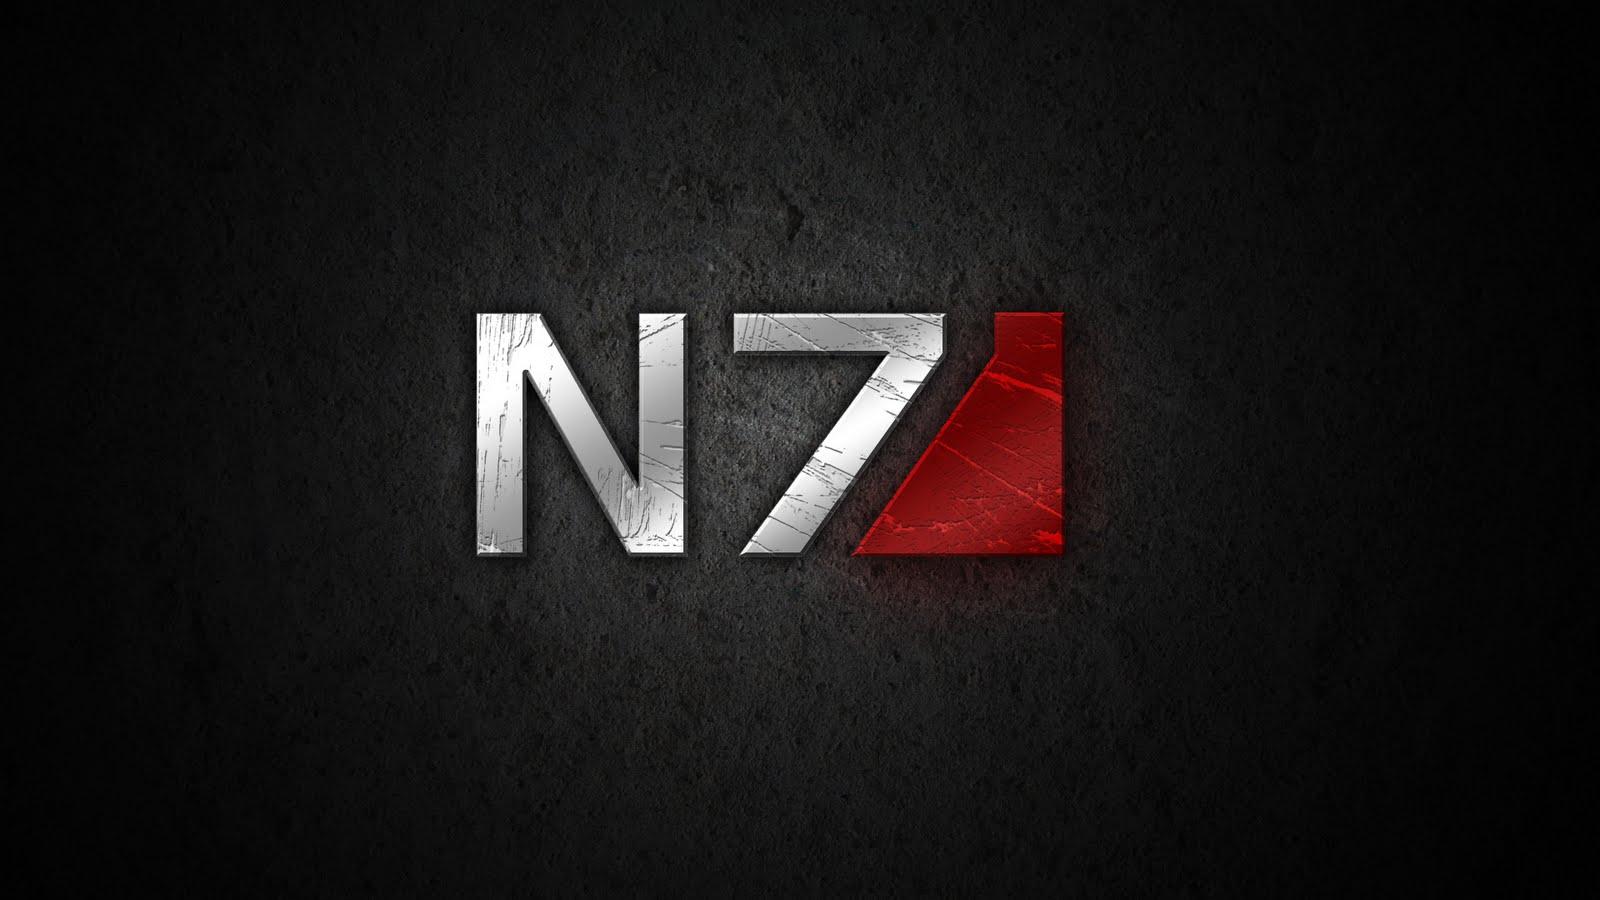 Mass Effect 3 HD Wallpapers Desktop Wallpapers 1600x900